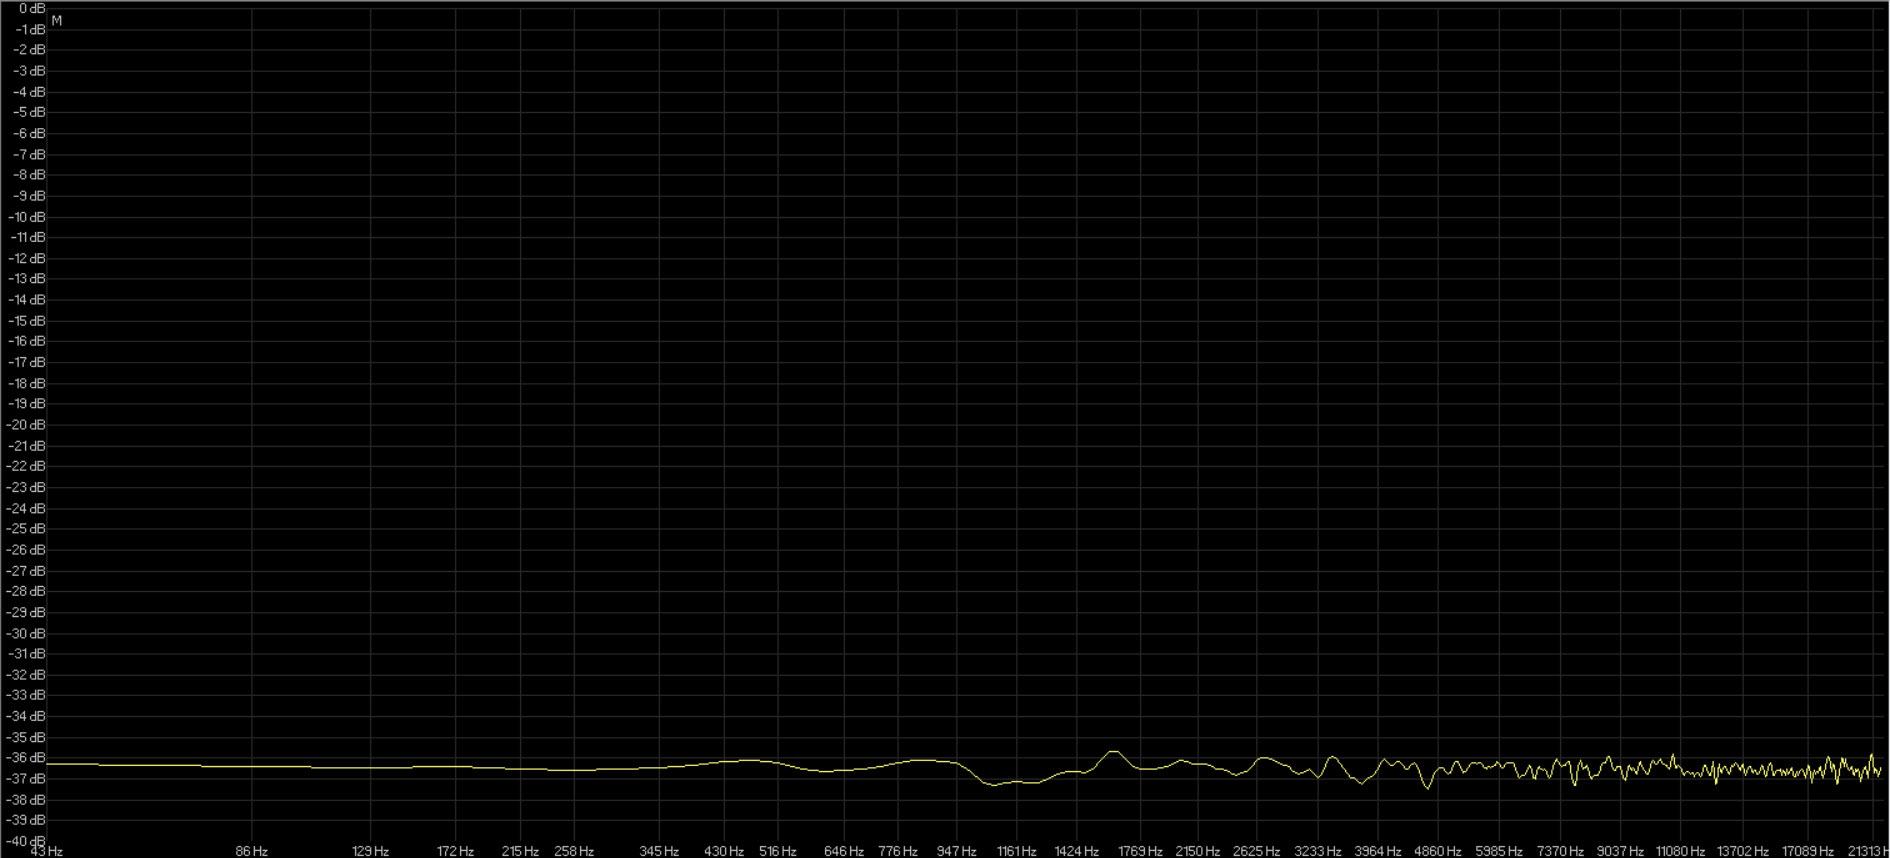 1024 sample 0%.jpg